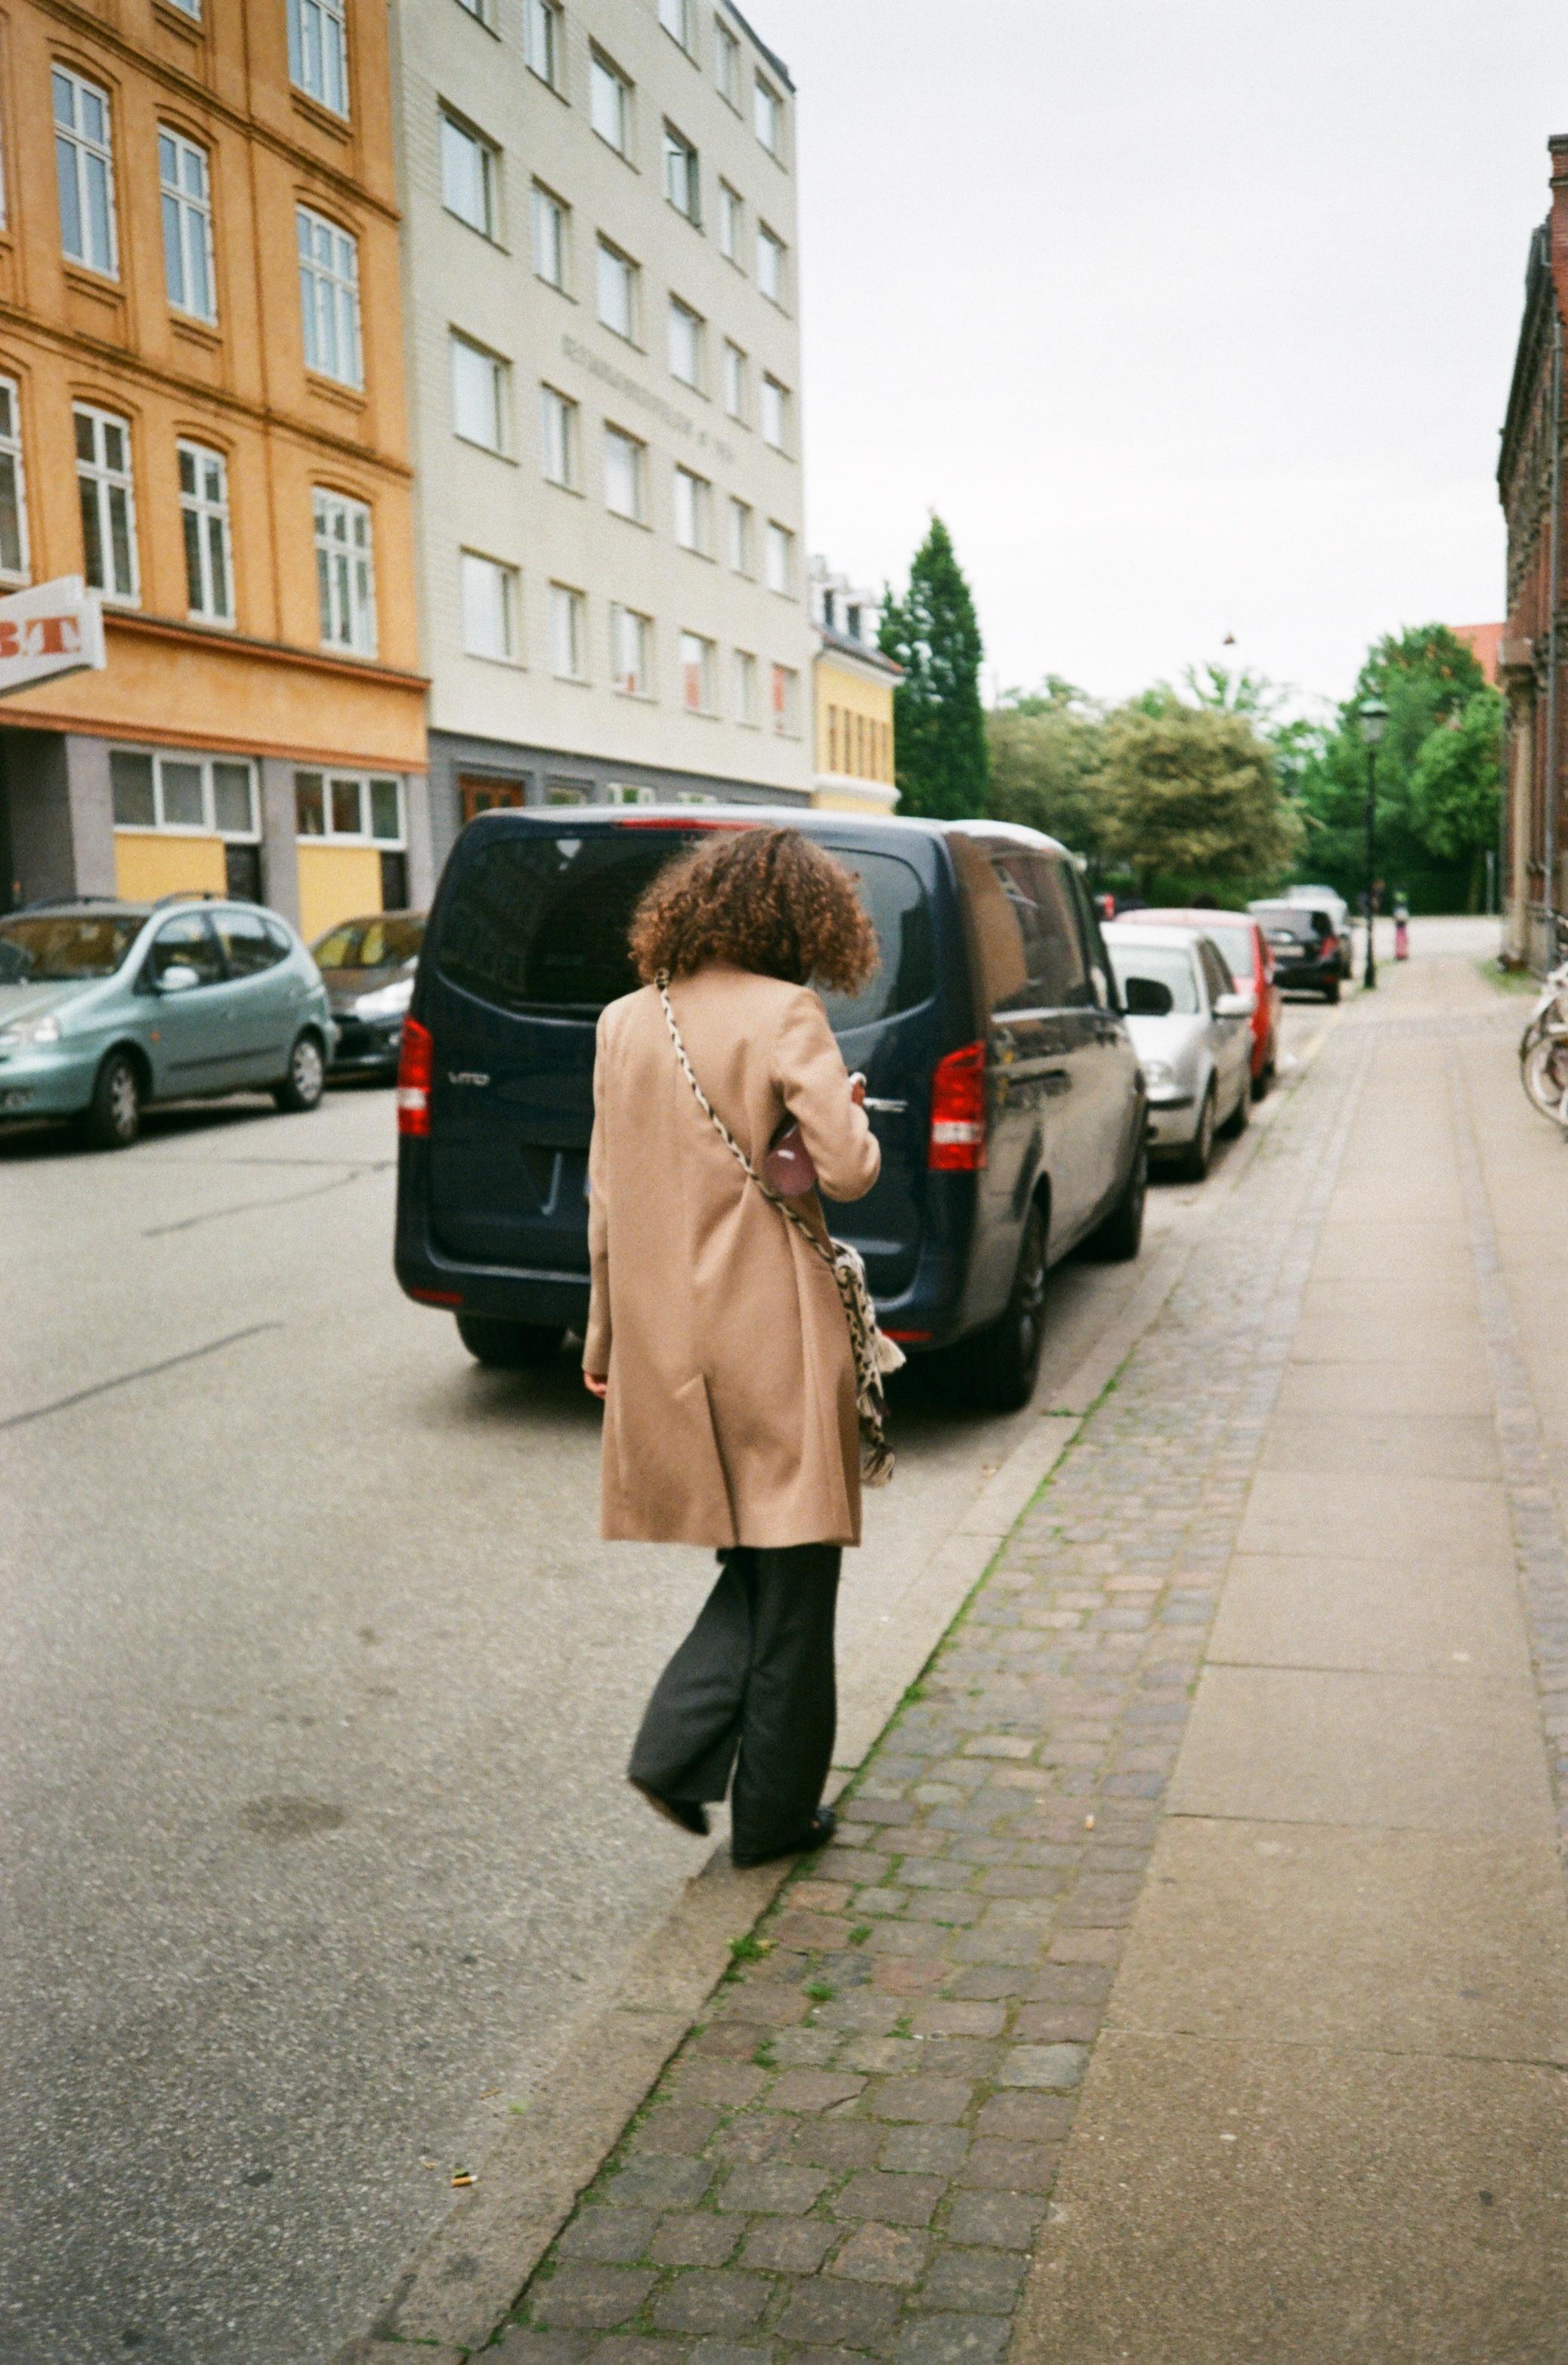 Danemark.jpg